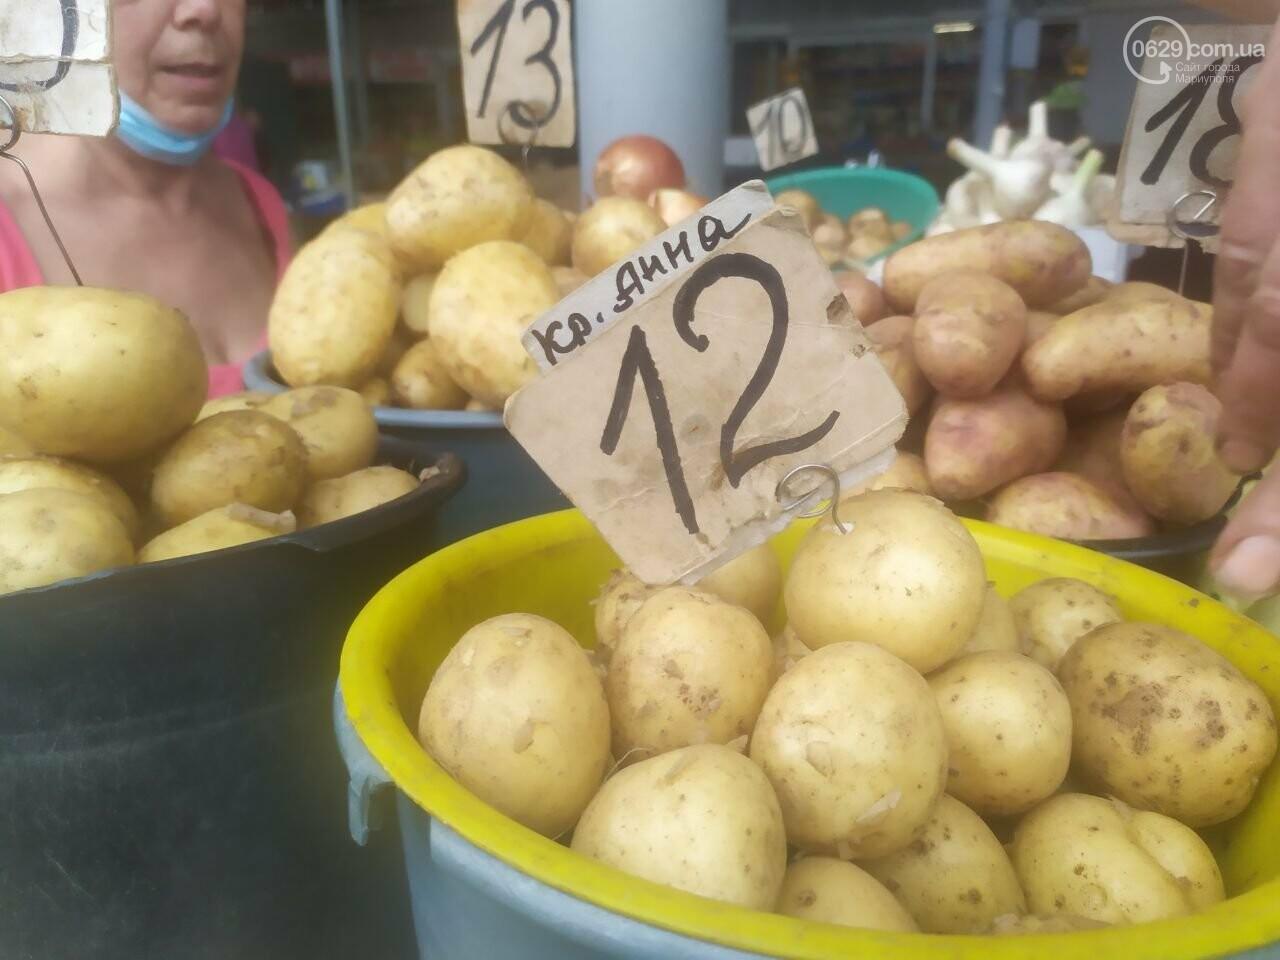 Опасна ли картошка, которую продают в Мариуполе, фото-11